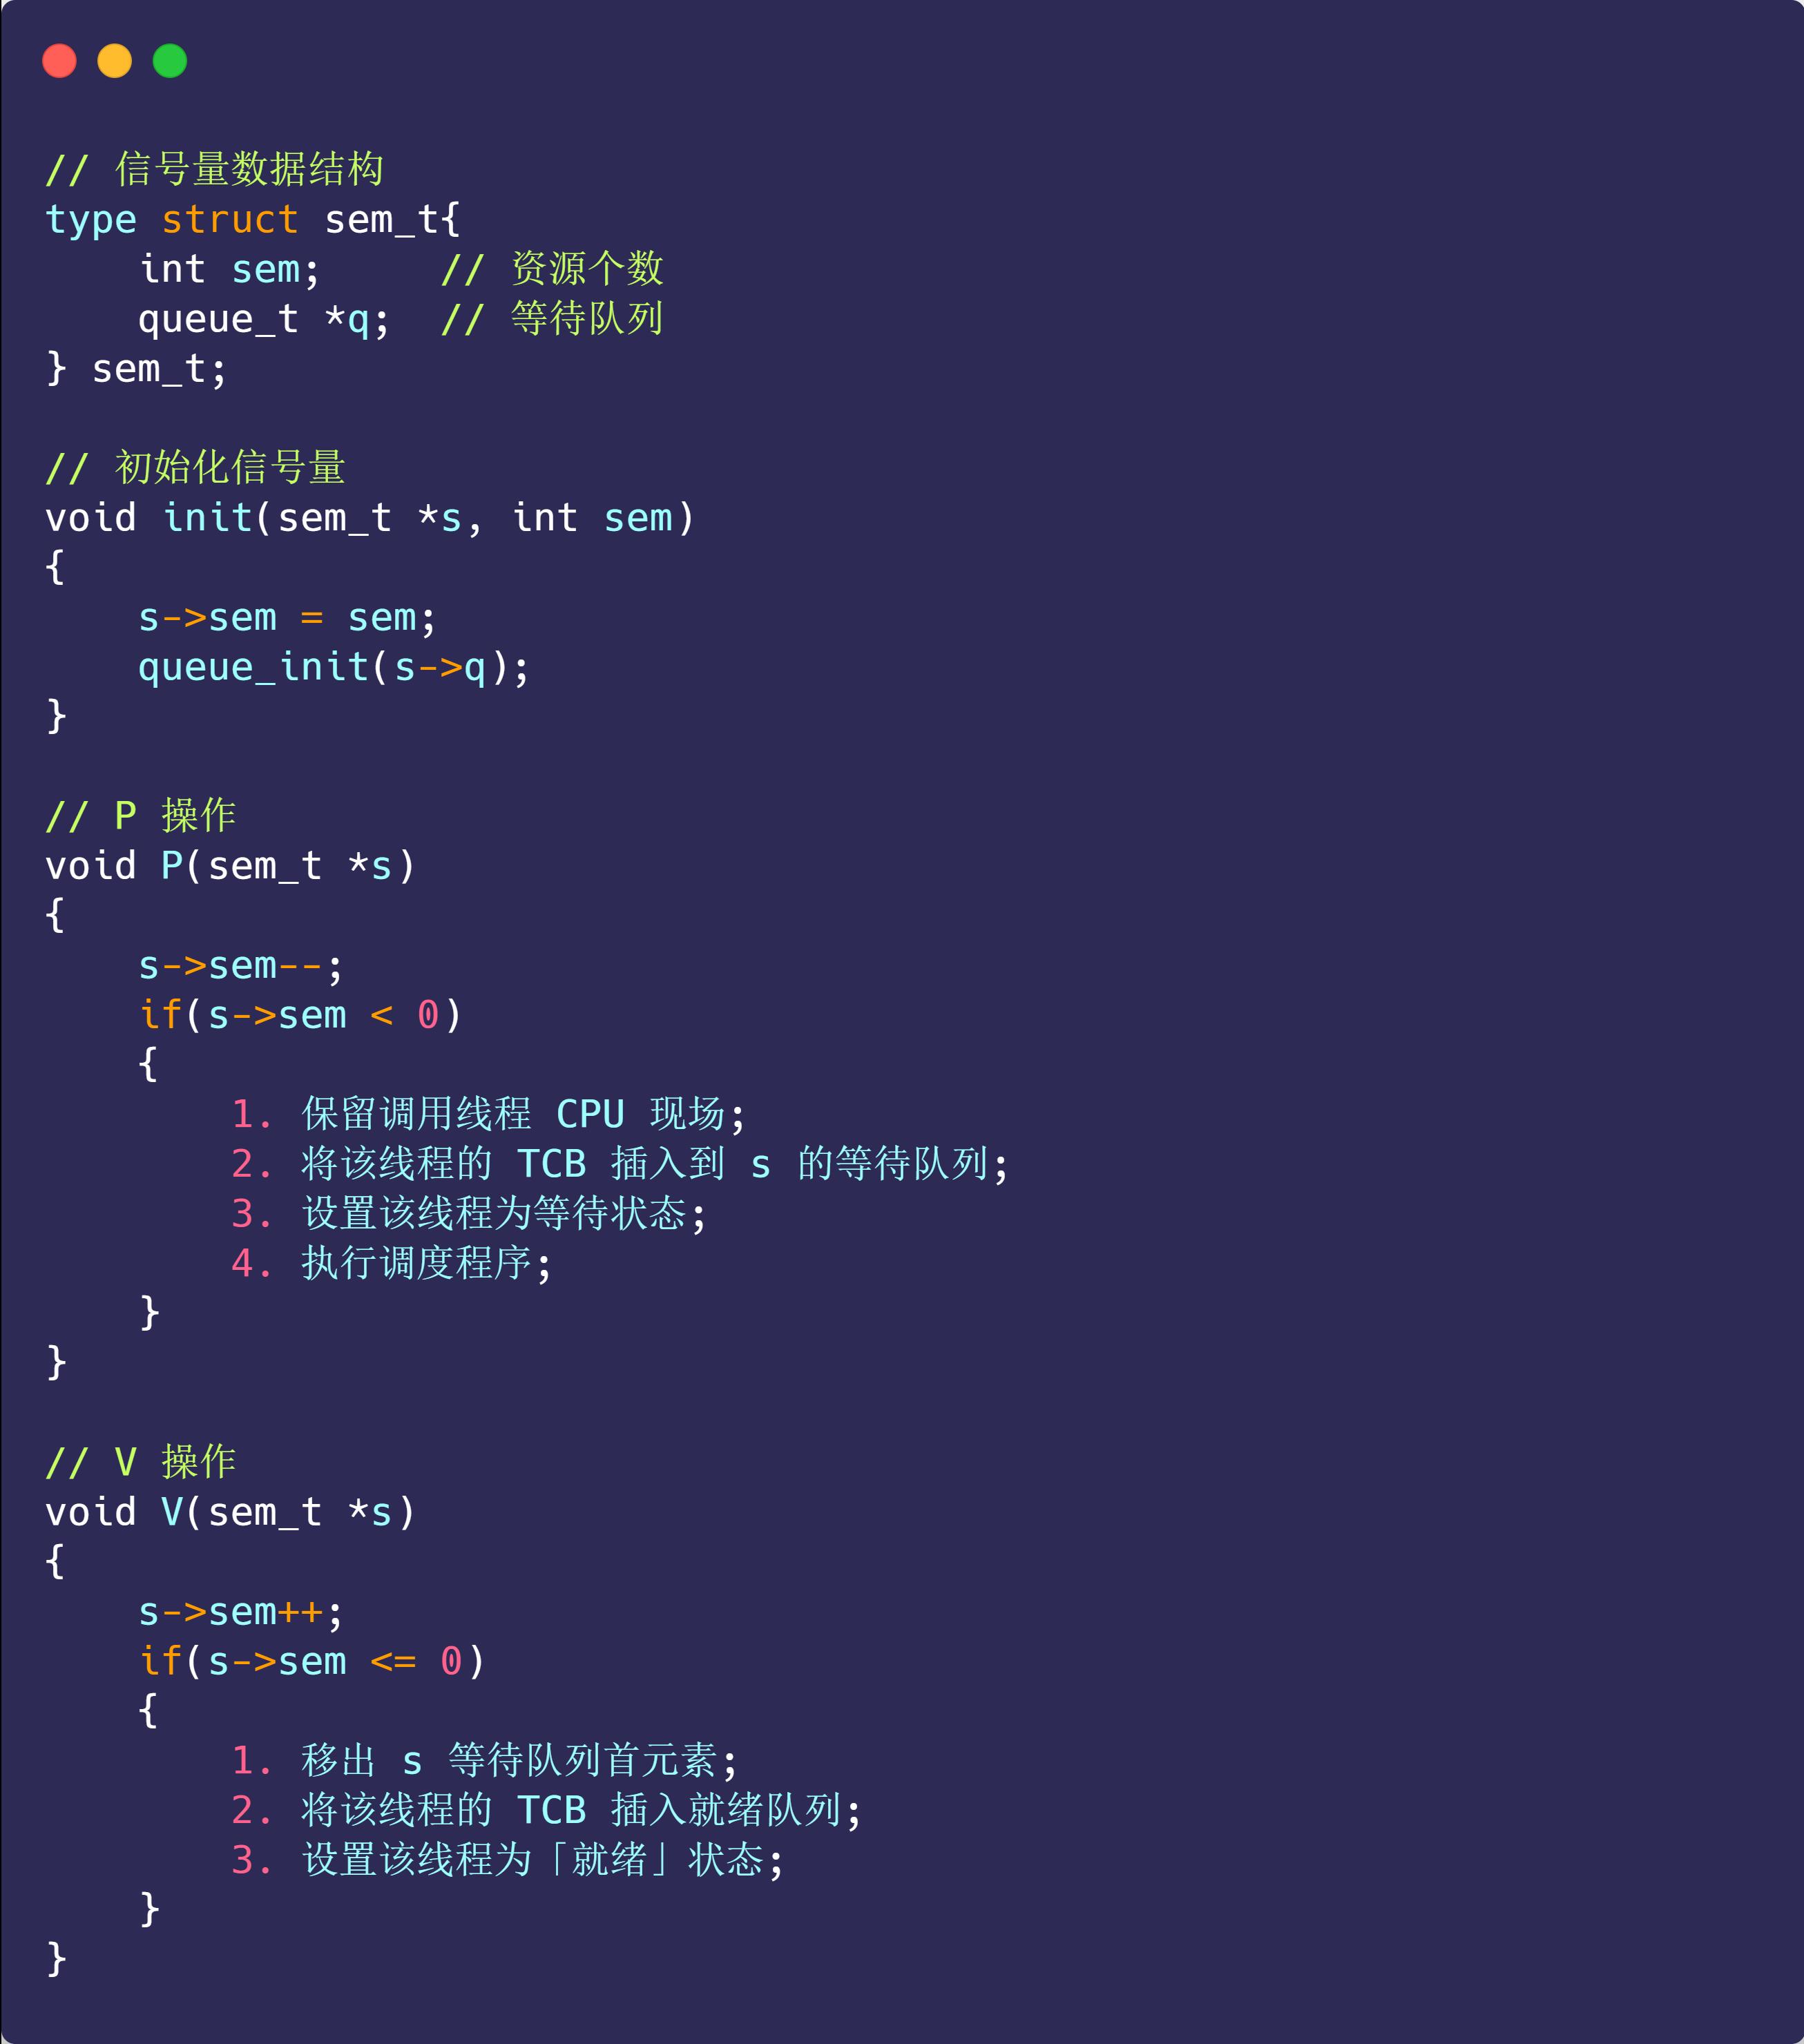 PV 操作的算法描述